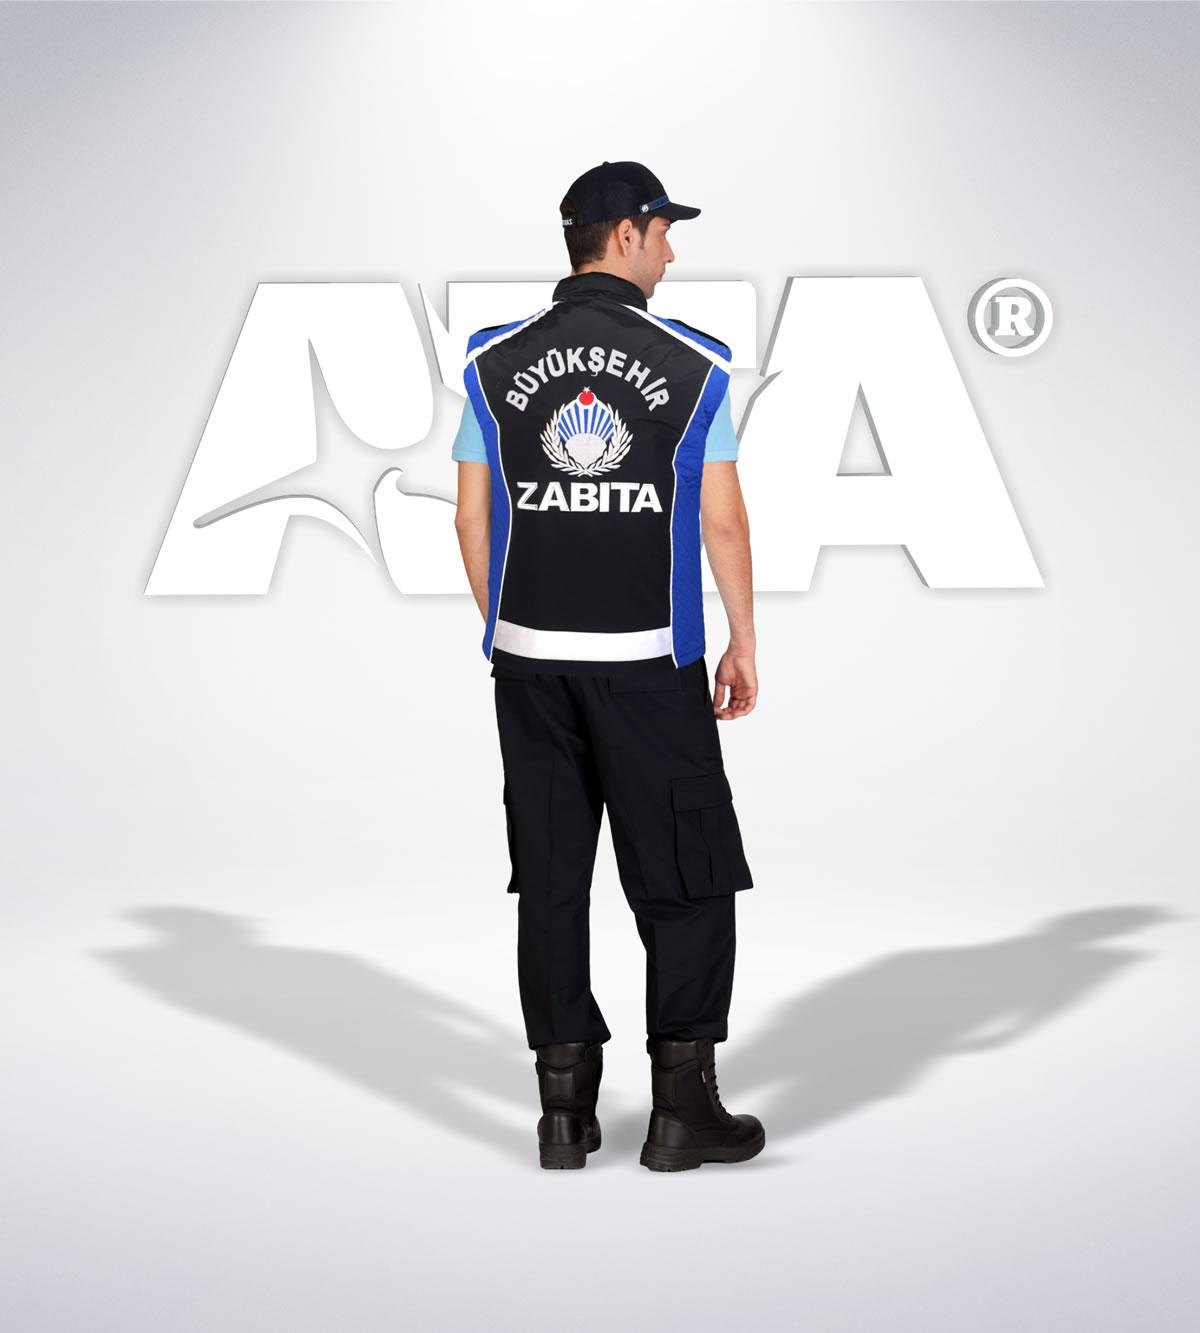 ATA 211 - arka - Ribstop kumaş pantolon - reflektör yelek - t shirt - aksesuar- zabıta elbiseleri | zabıta üniformaları | zabıta kıyafetleri